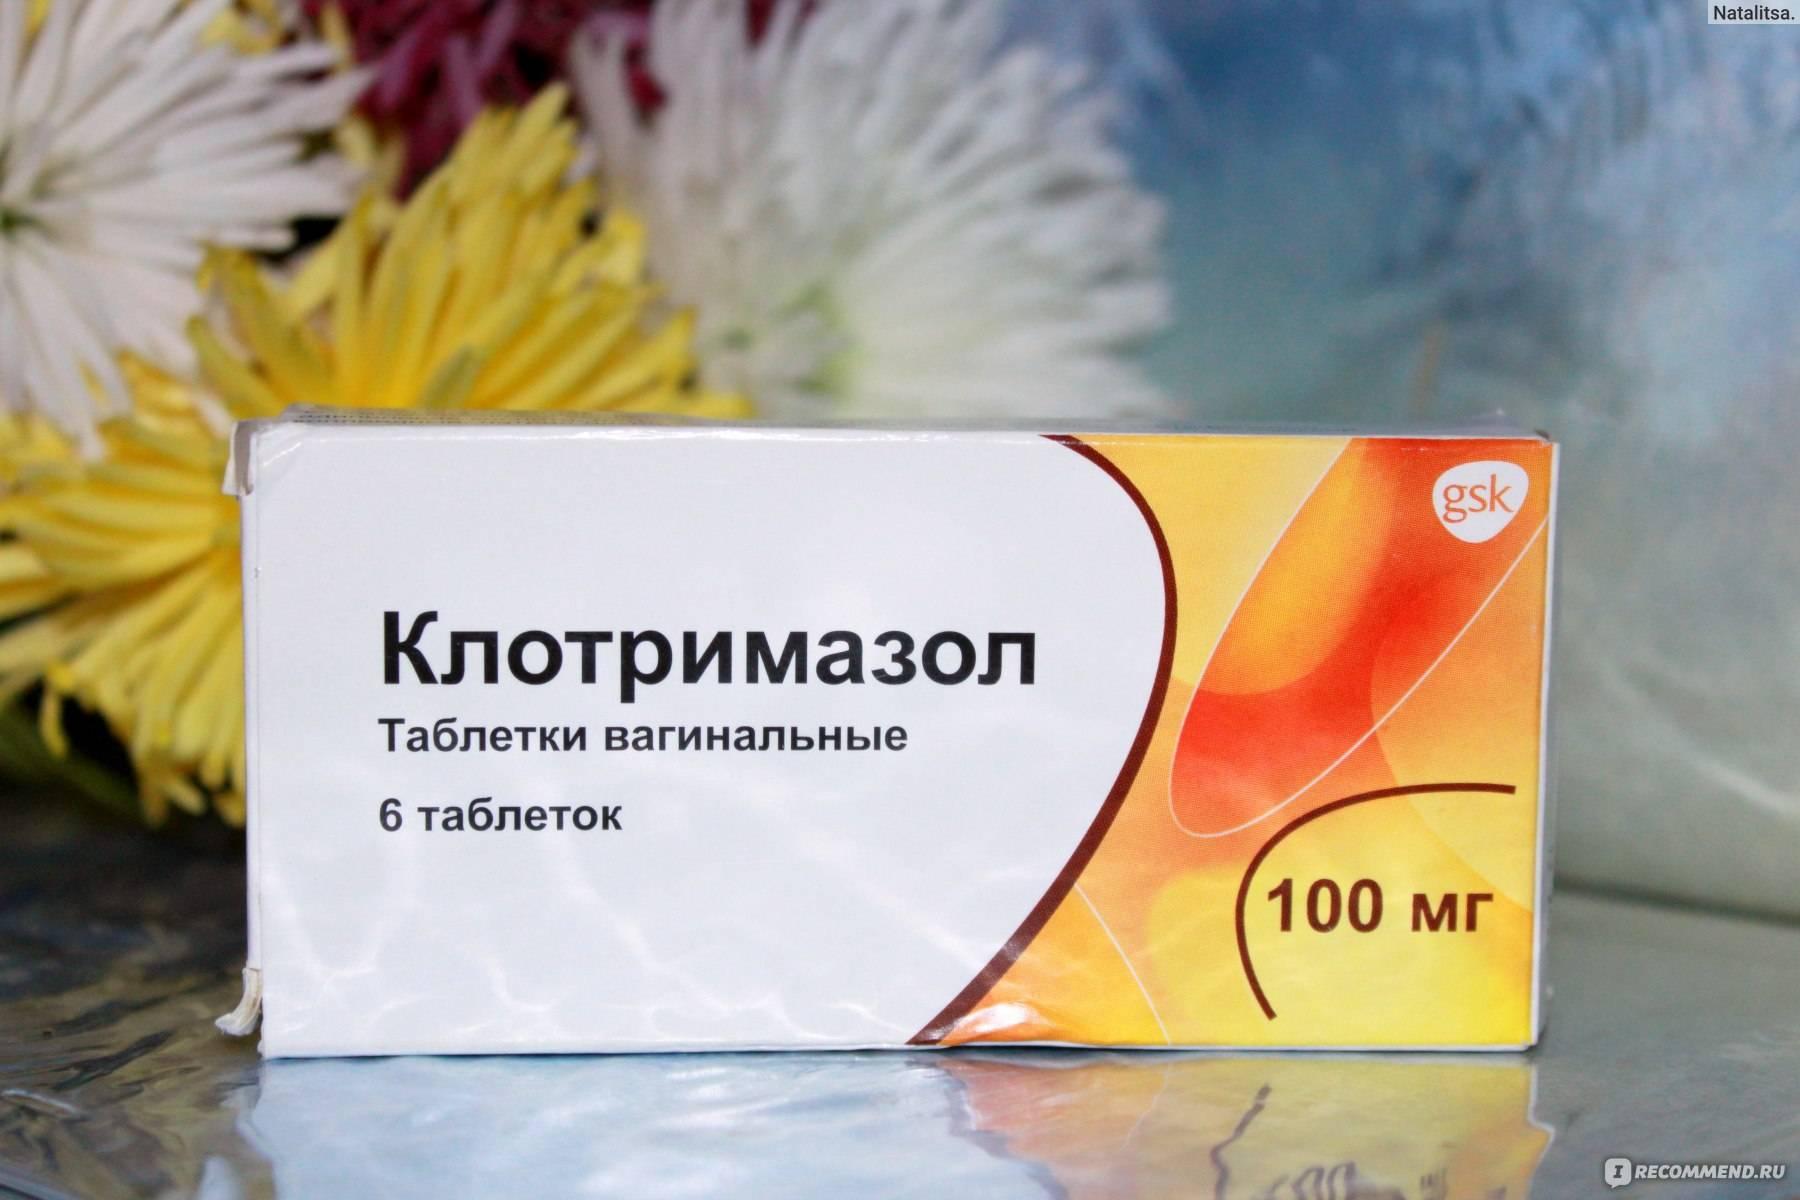 Таблетки от молочницы: лучшие, недорогие для женщин и мужчин, как вылечить грибок одной таблеткой